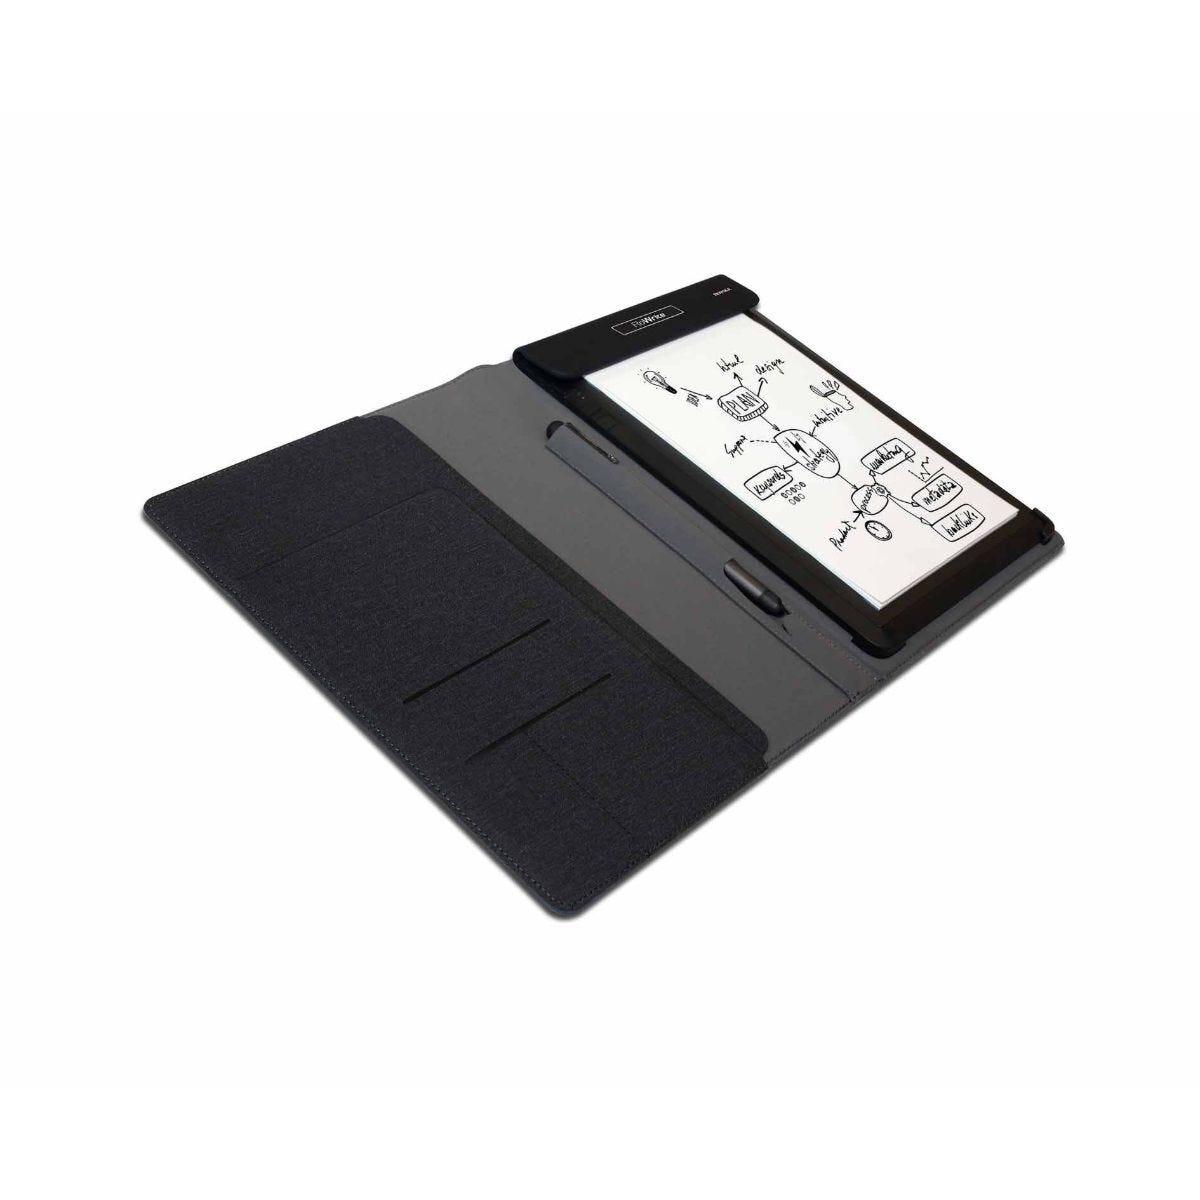 RoWrite Digital Notepad